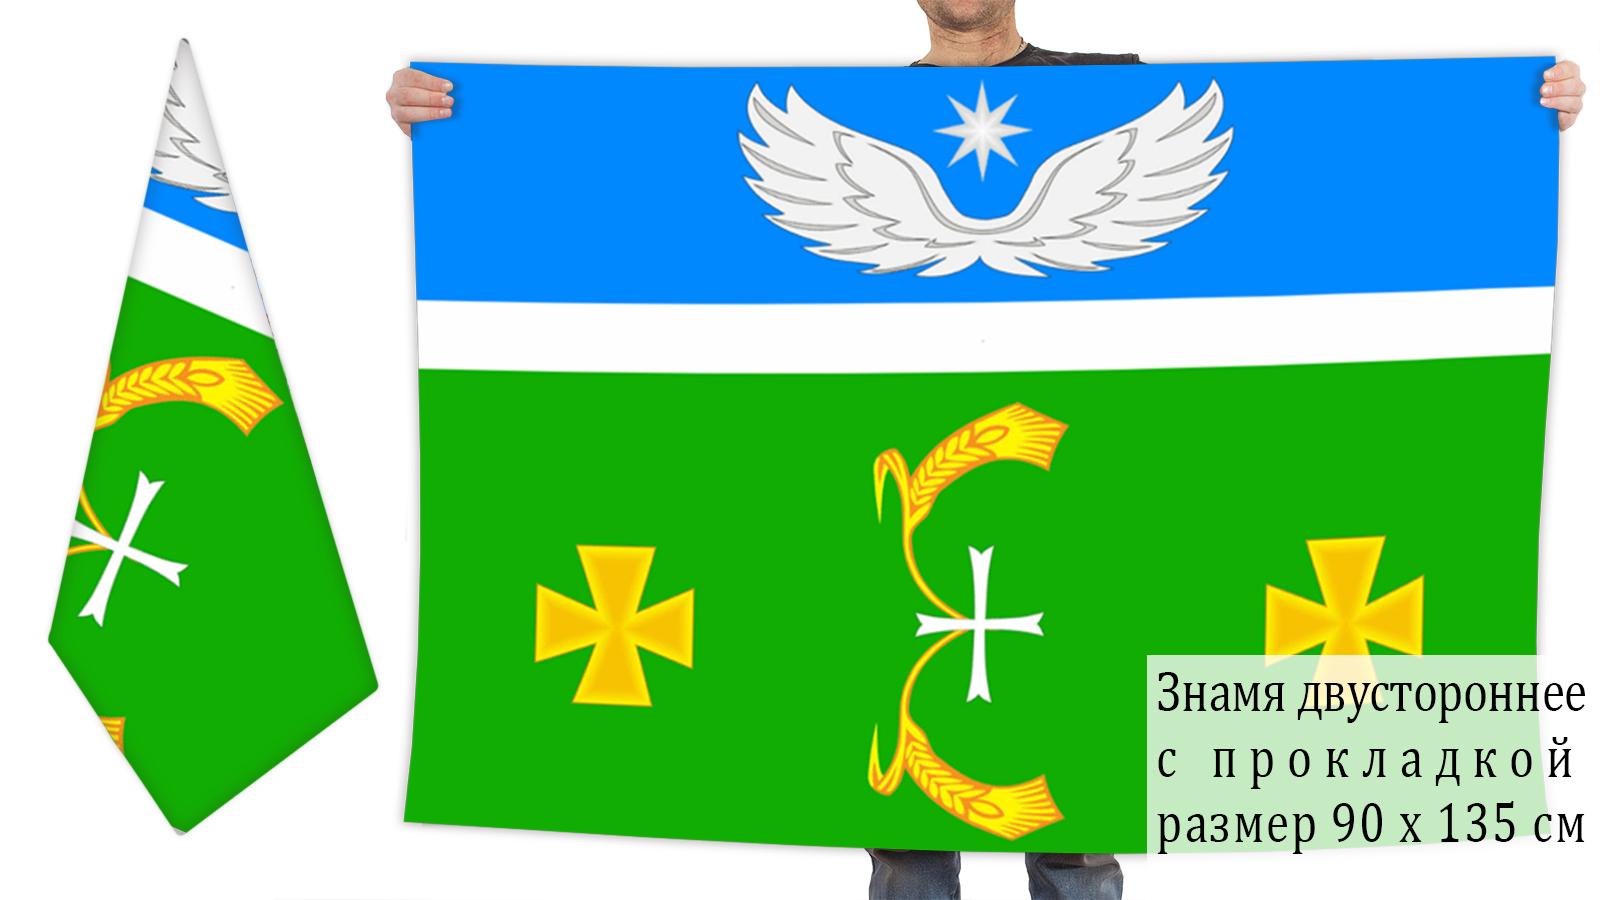 Двусторонний флаг Крыловского сельского поселения